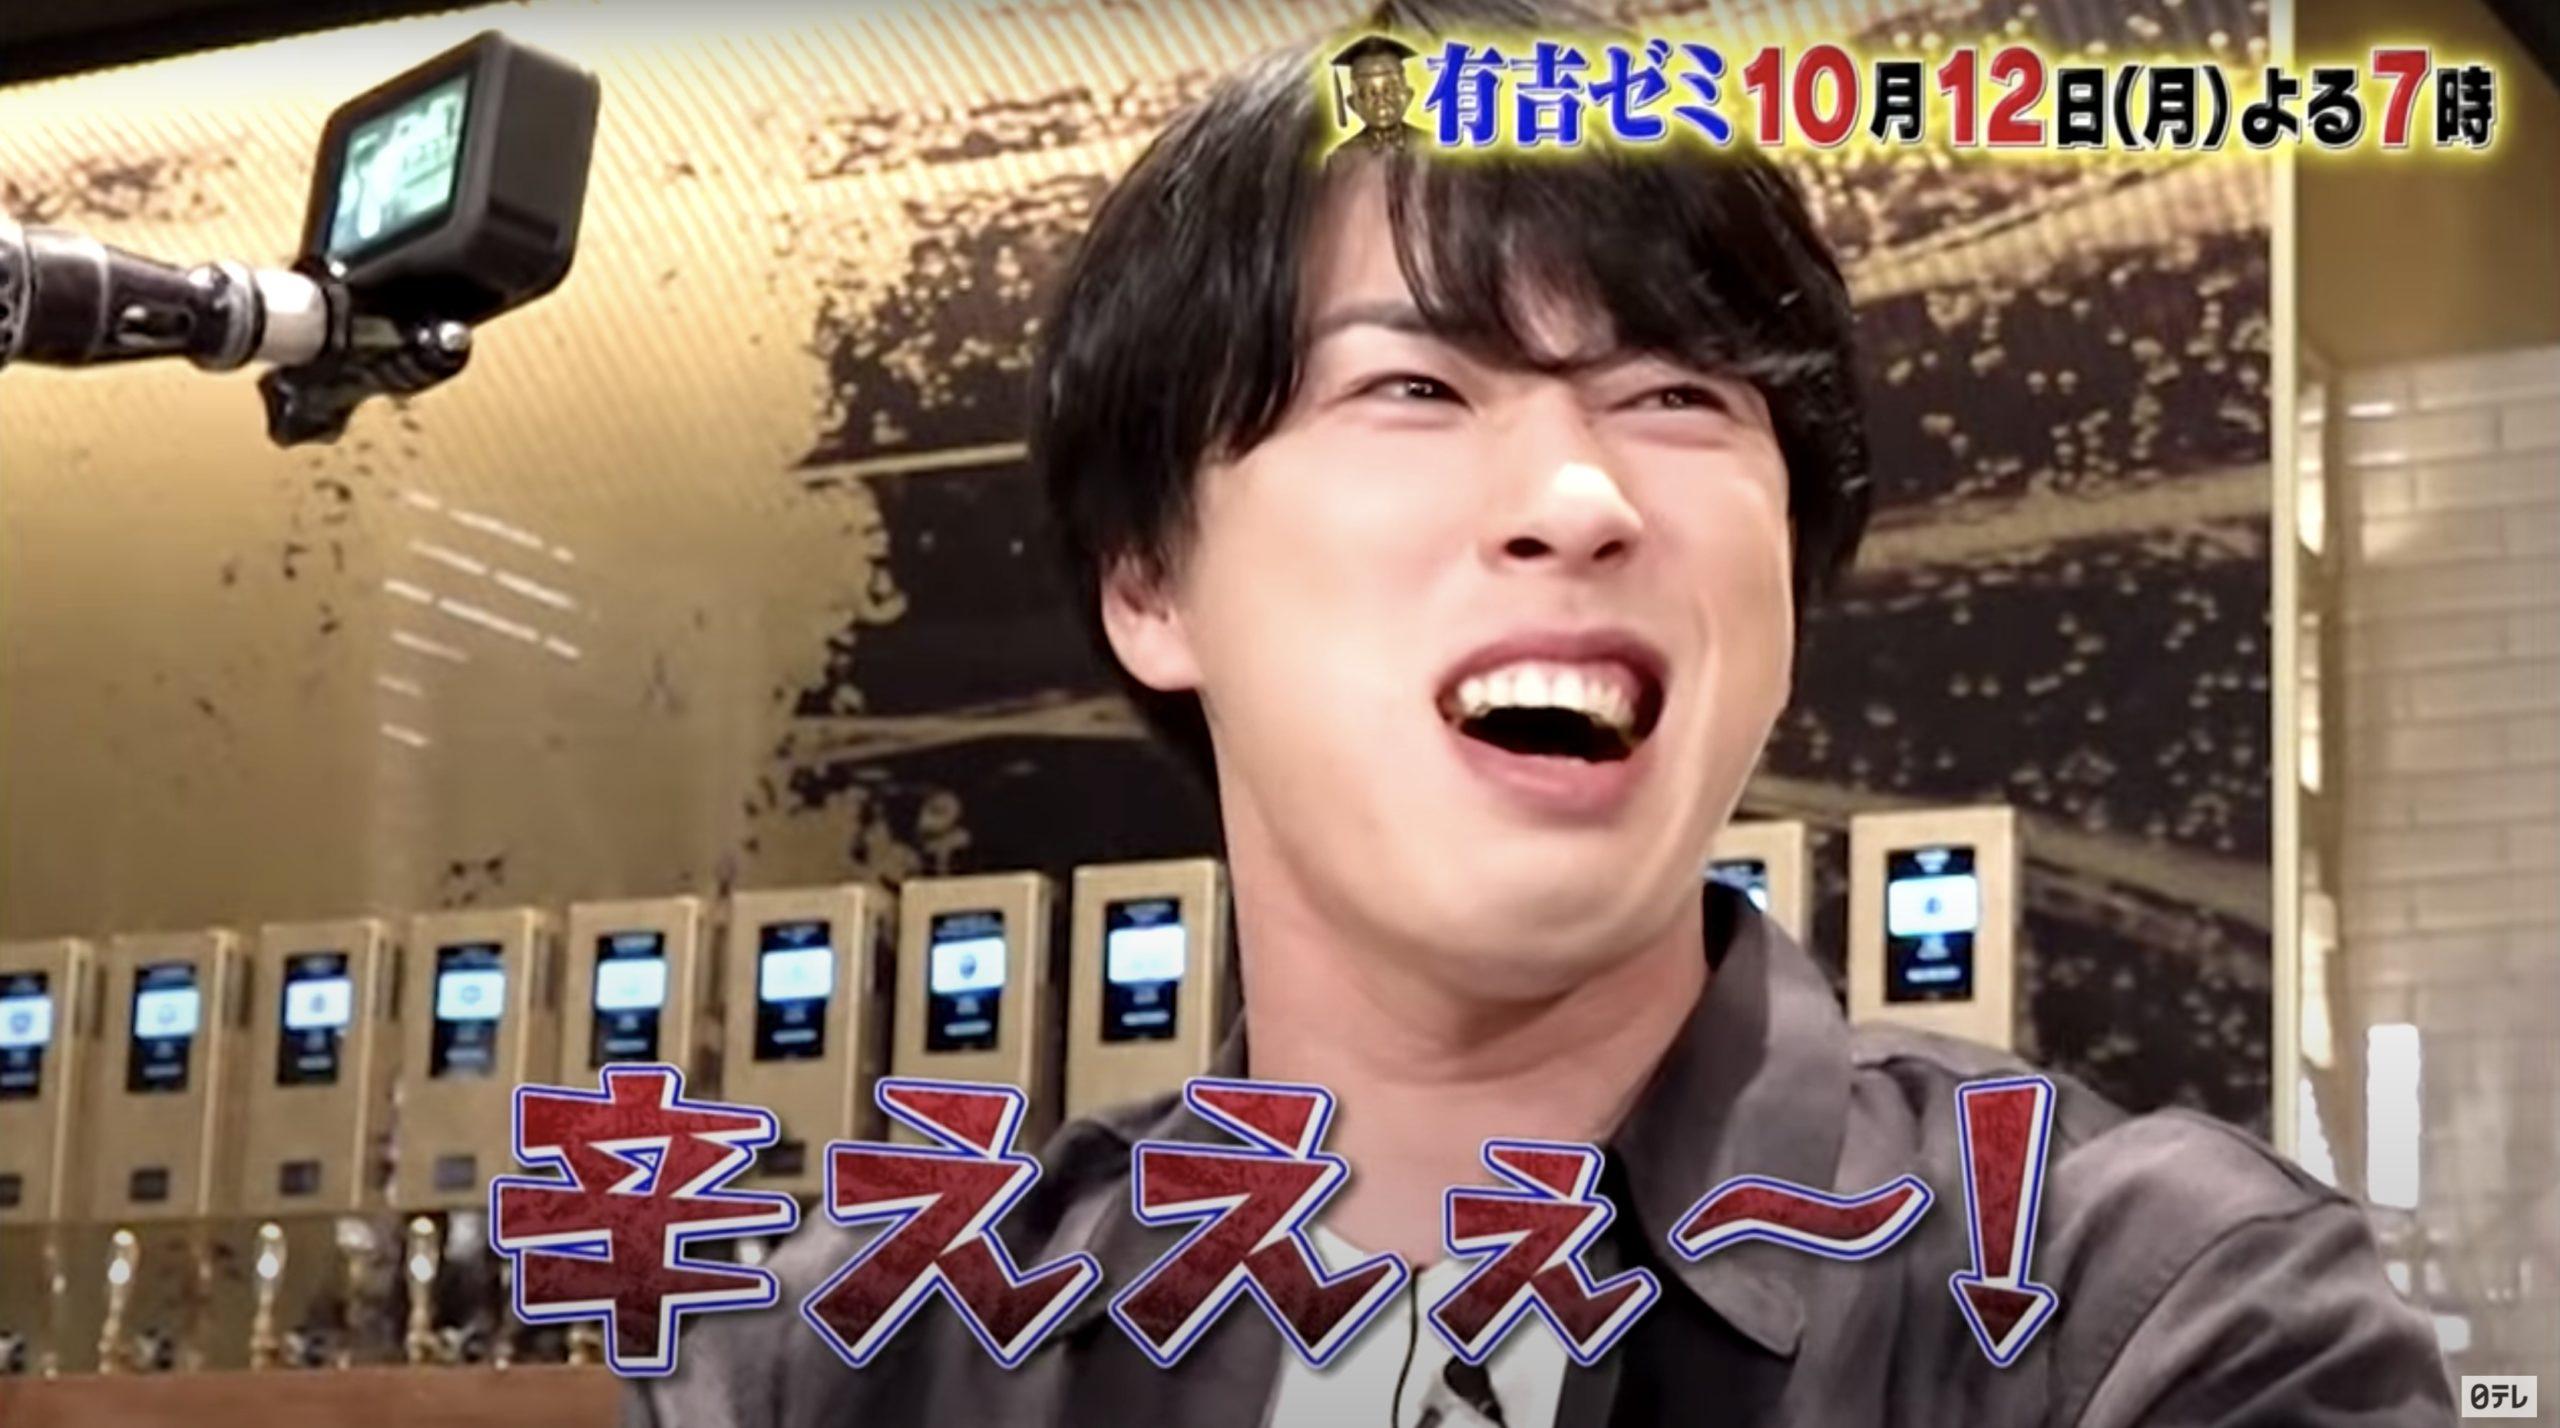 有吉ゼミ(SnowMan宮舘)10月12日の無料動画や見逃し配信をフル視聴する方法!